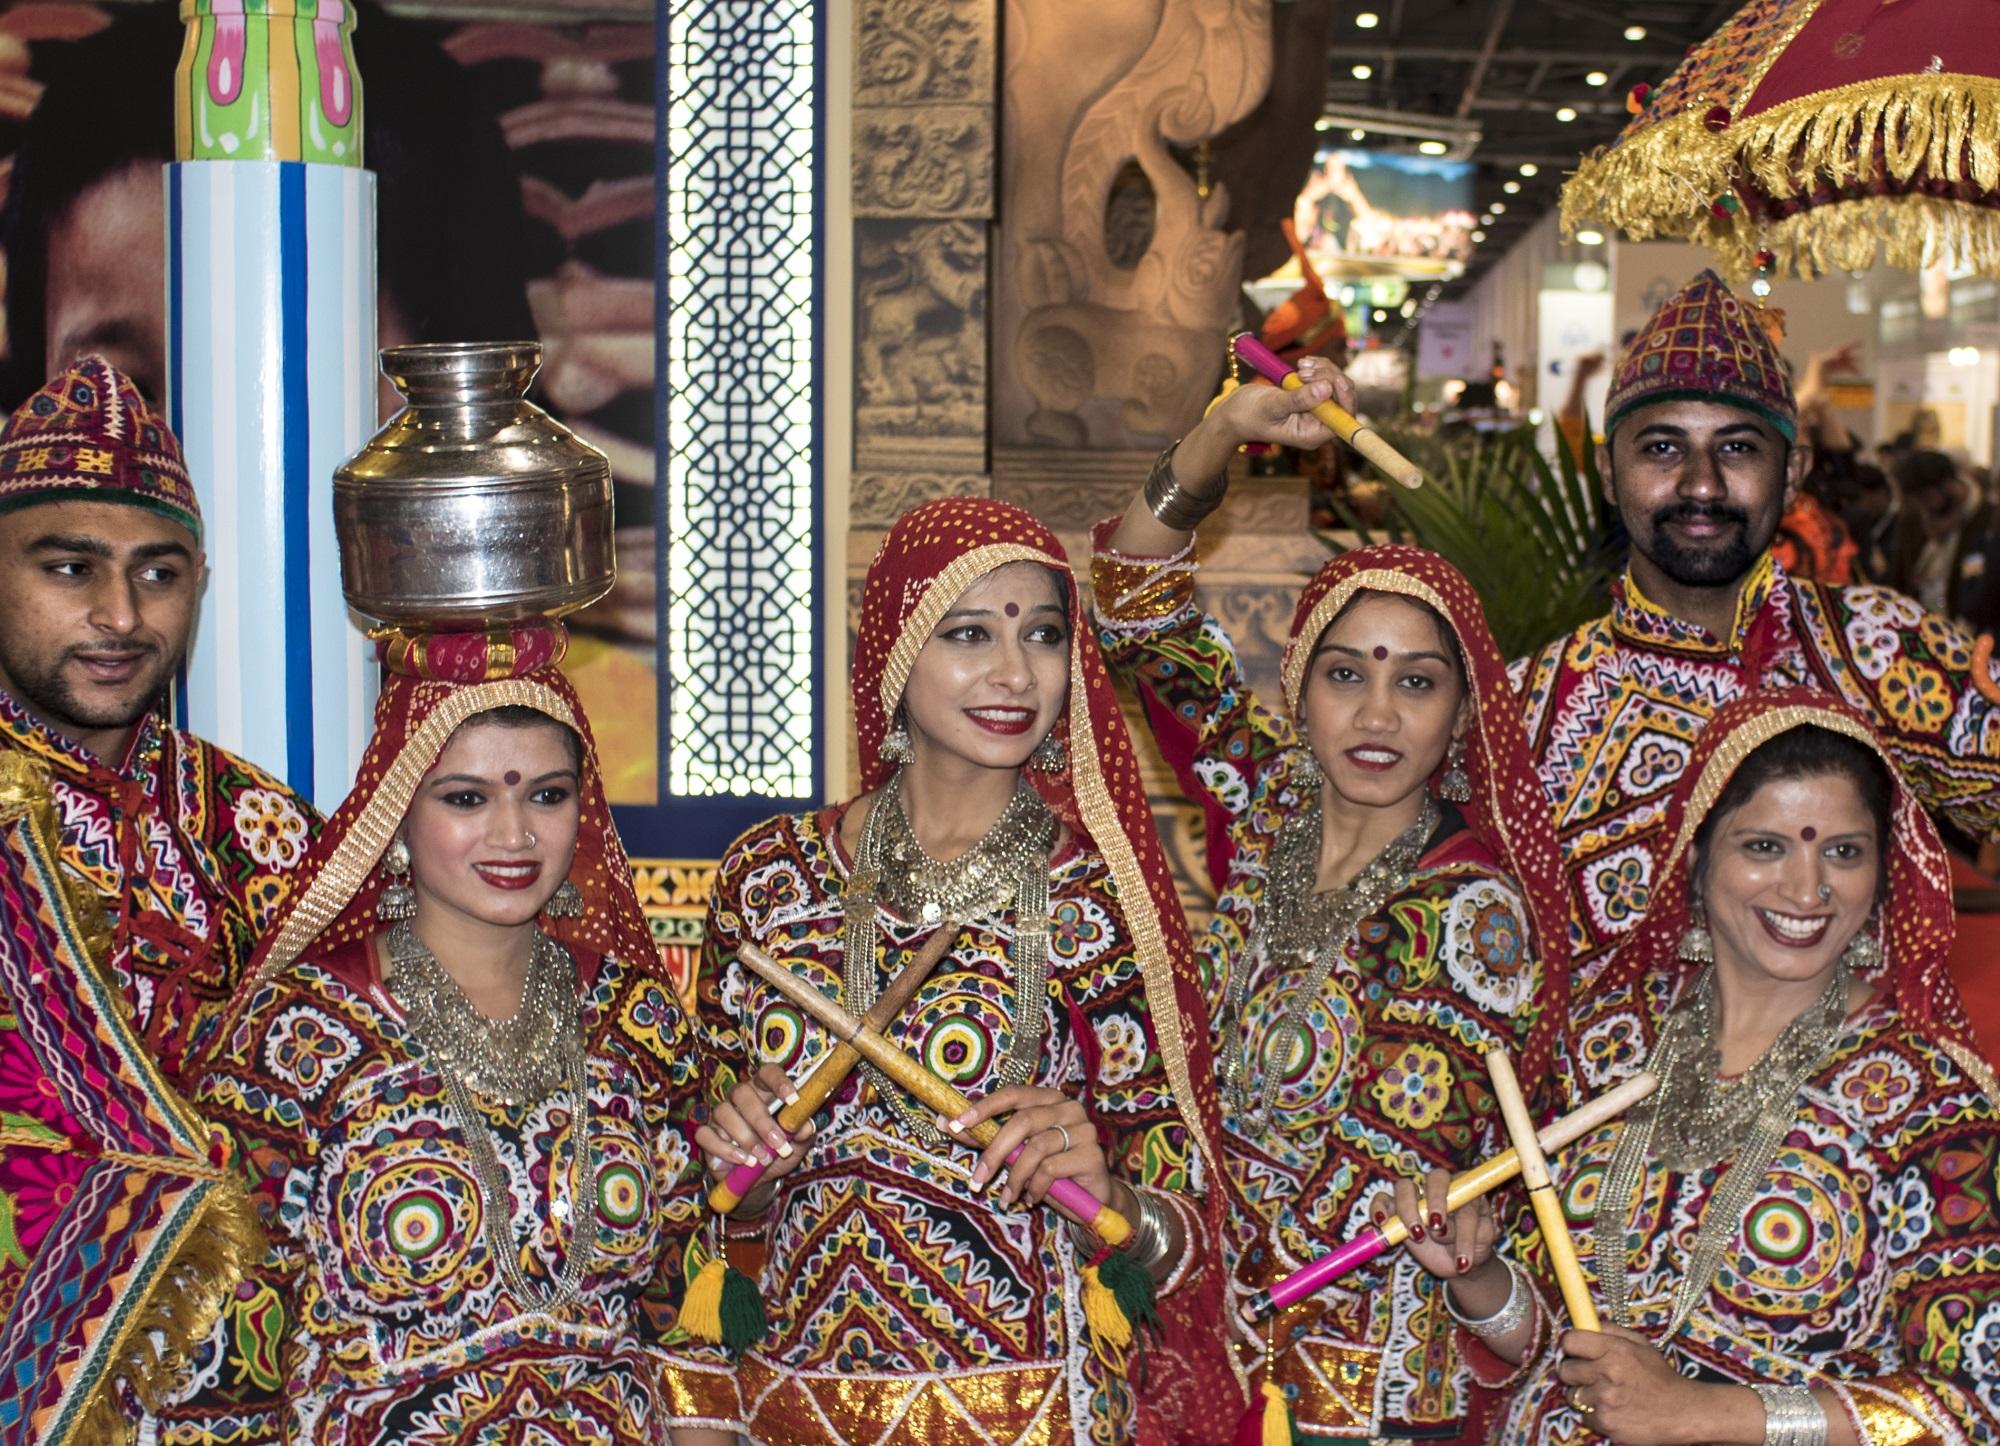 un groupe de personnes au world travel market dans des tenues traditionnelles colorées